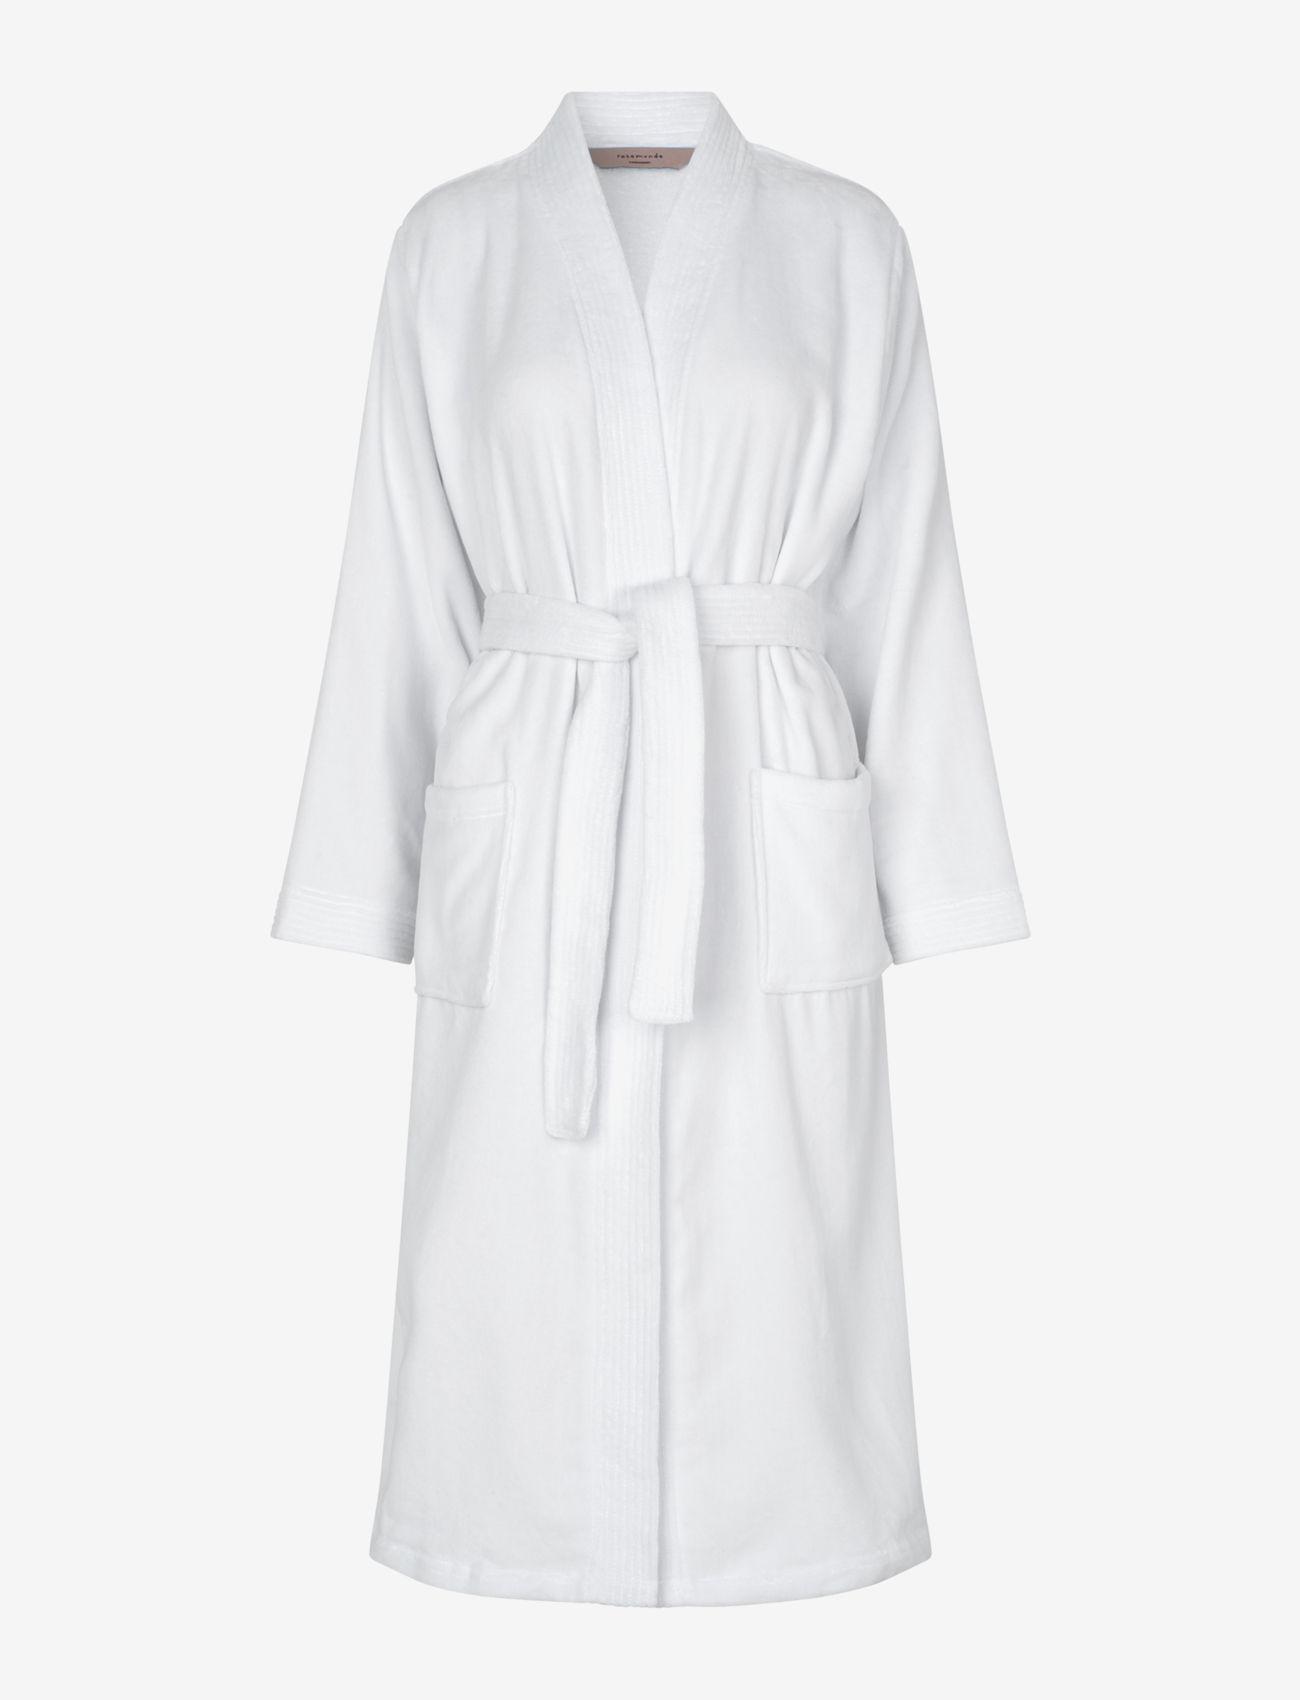 Rosemunde - robe - pegnoirs - new white - 0